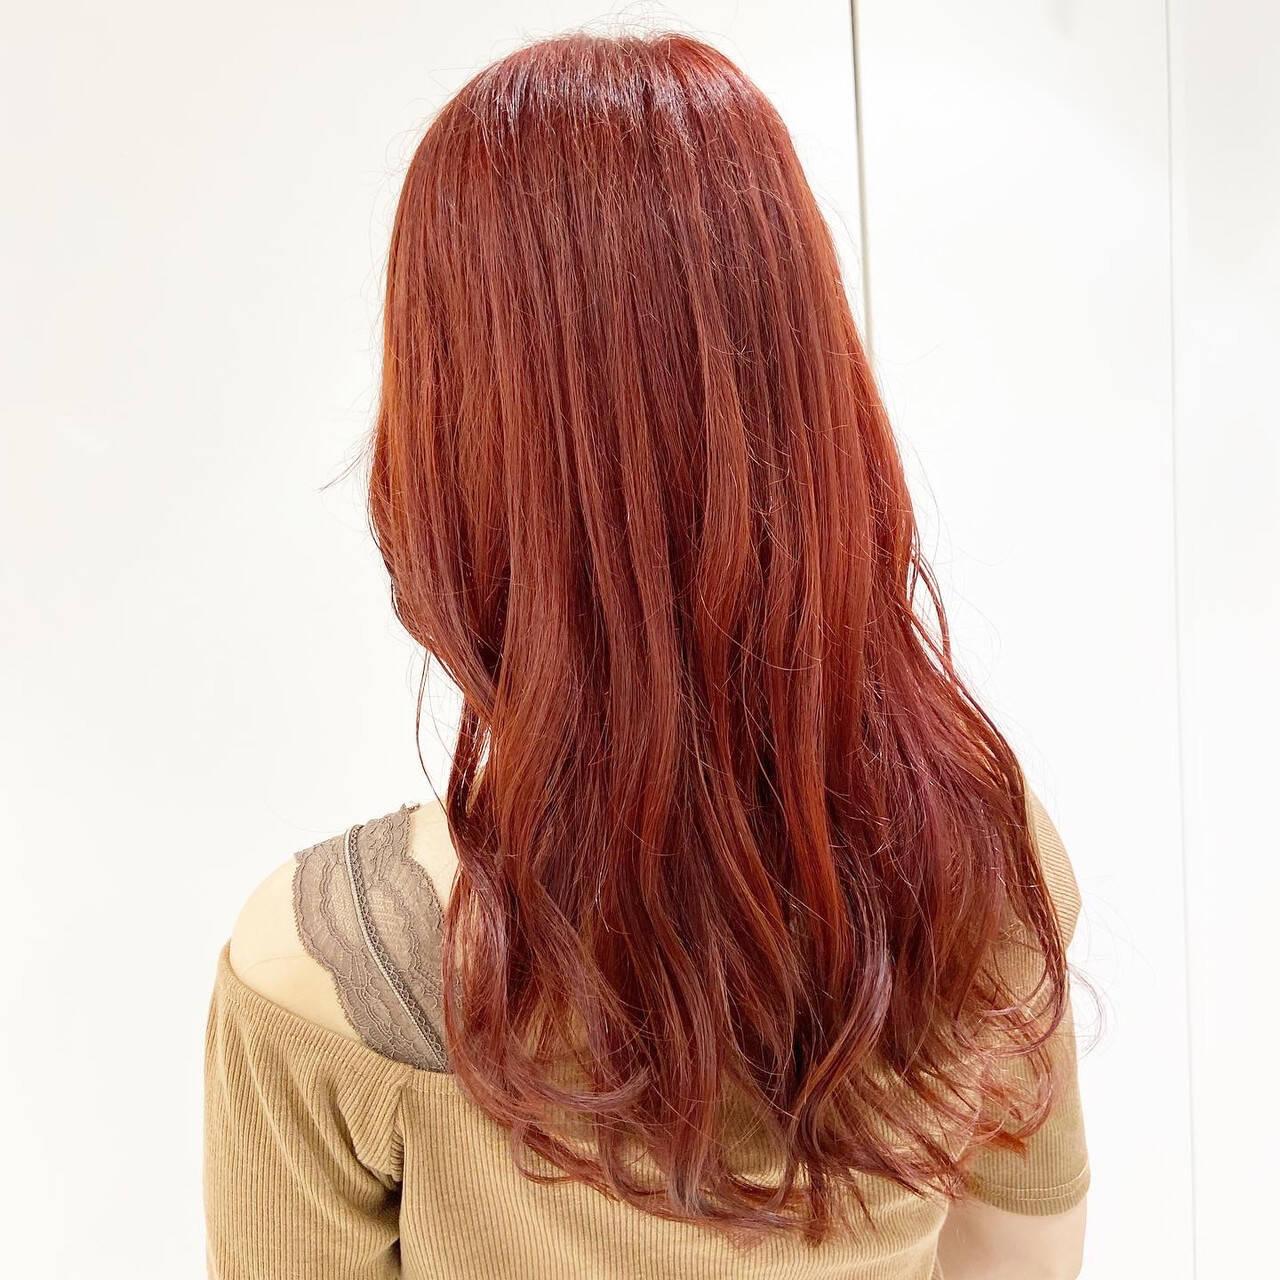 フェミニン レッド チェリーレッド カシスレッドヘアスタイルや髪型の写真・画像